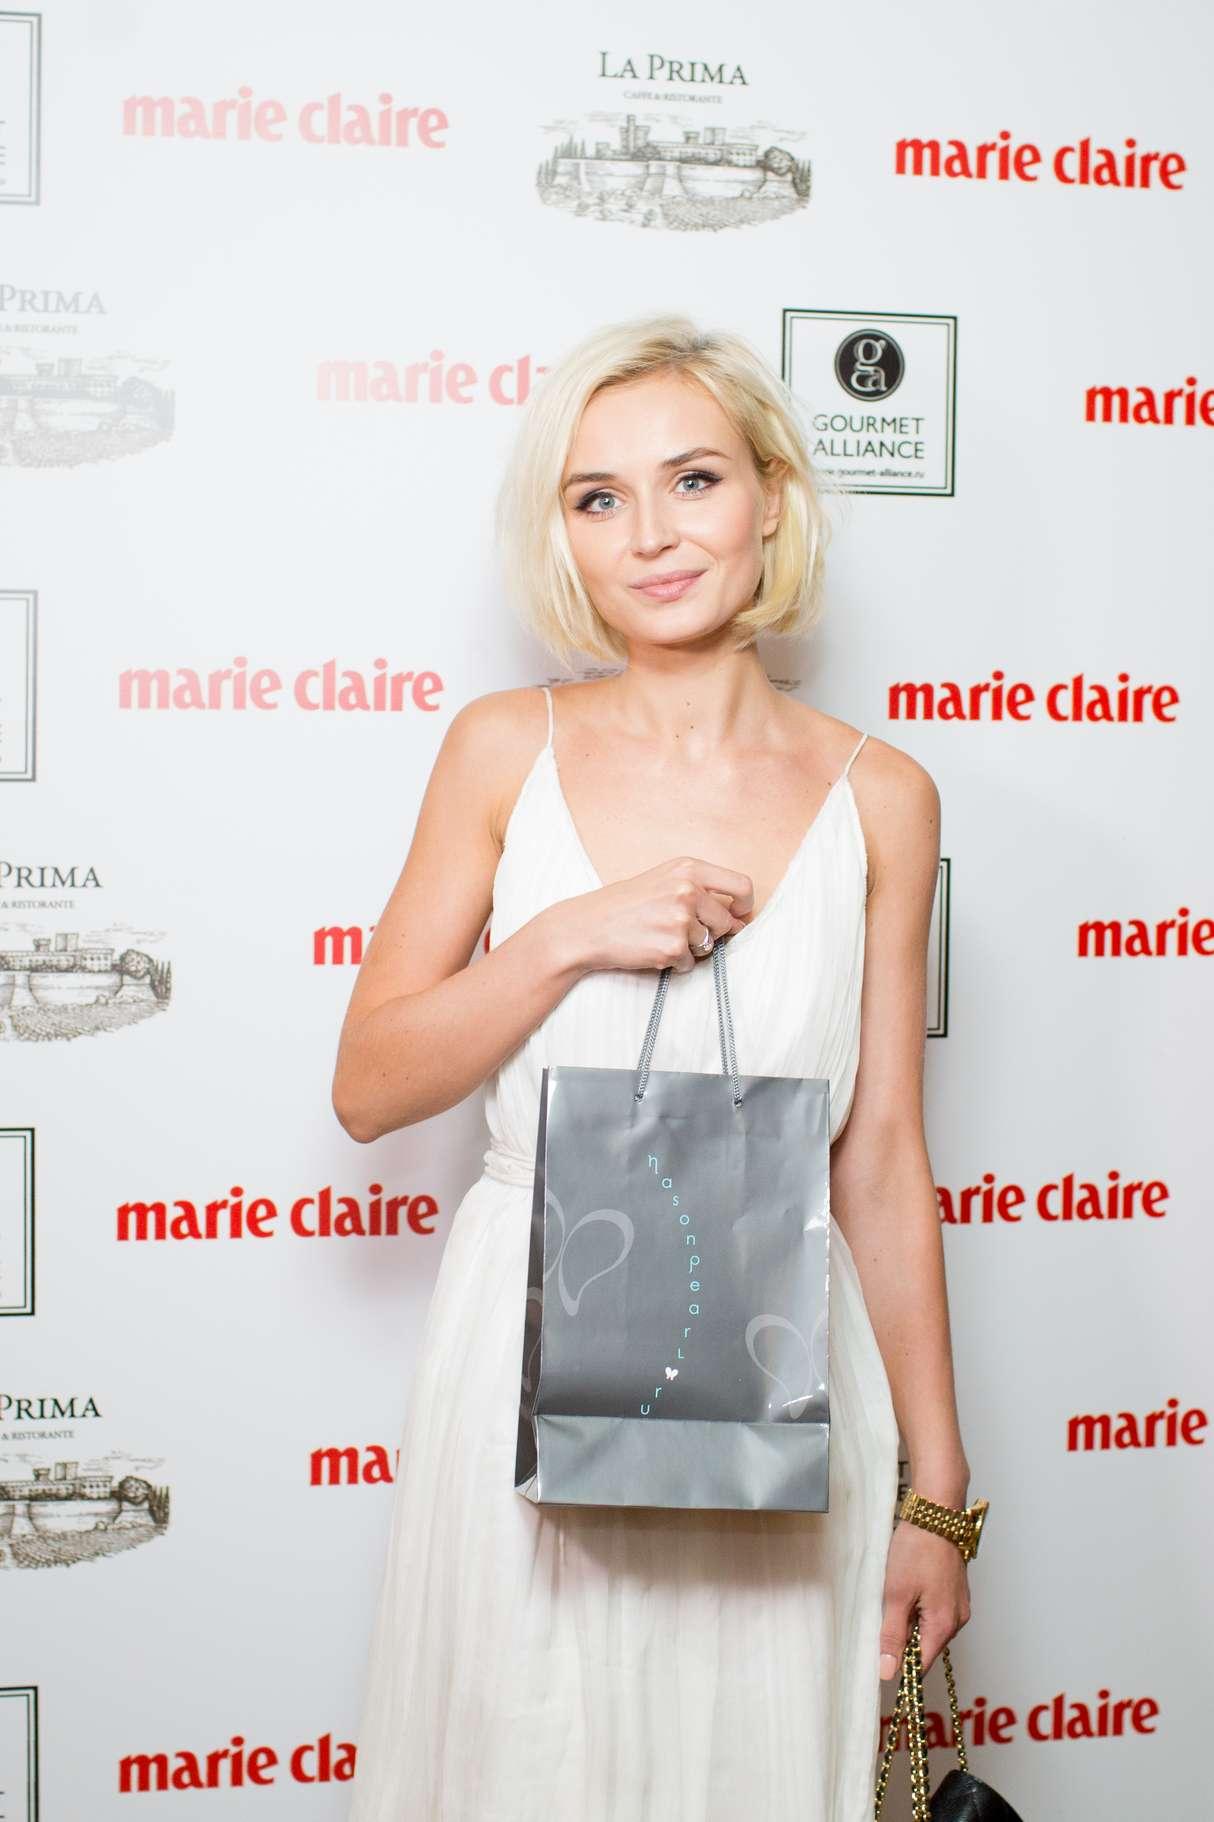 Журнал Marie Claire вручил главную beauty-премию года изоражения